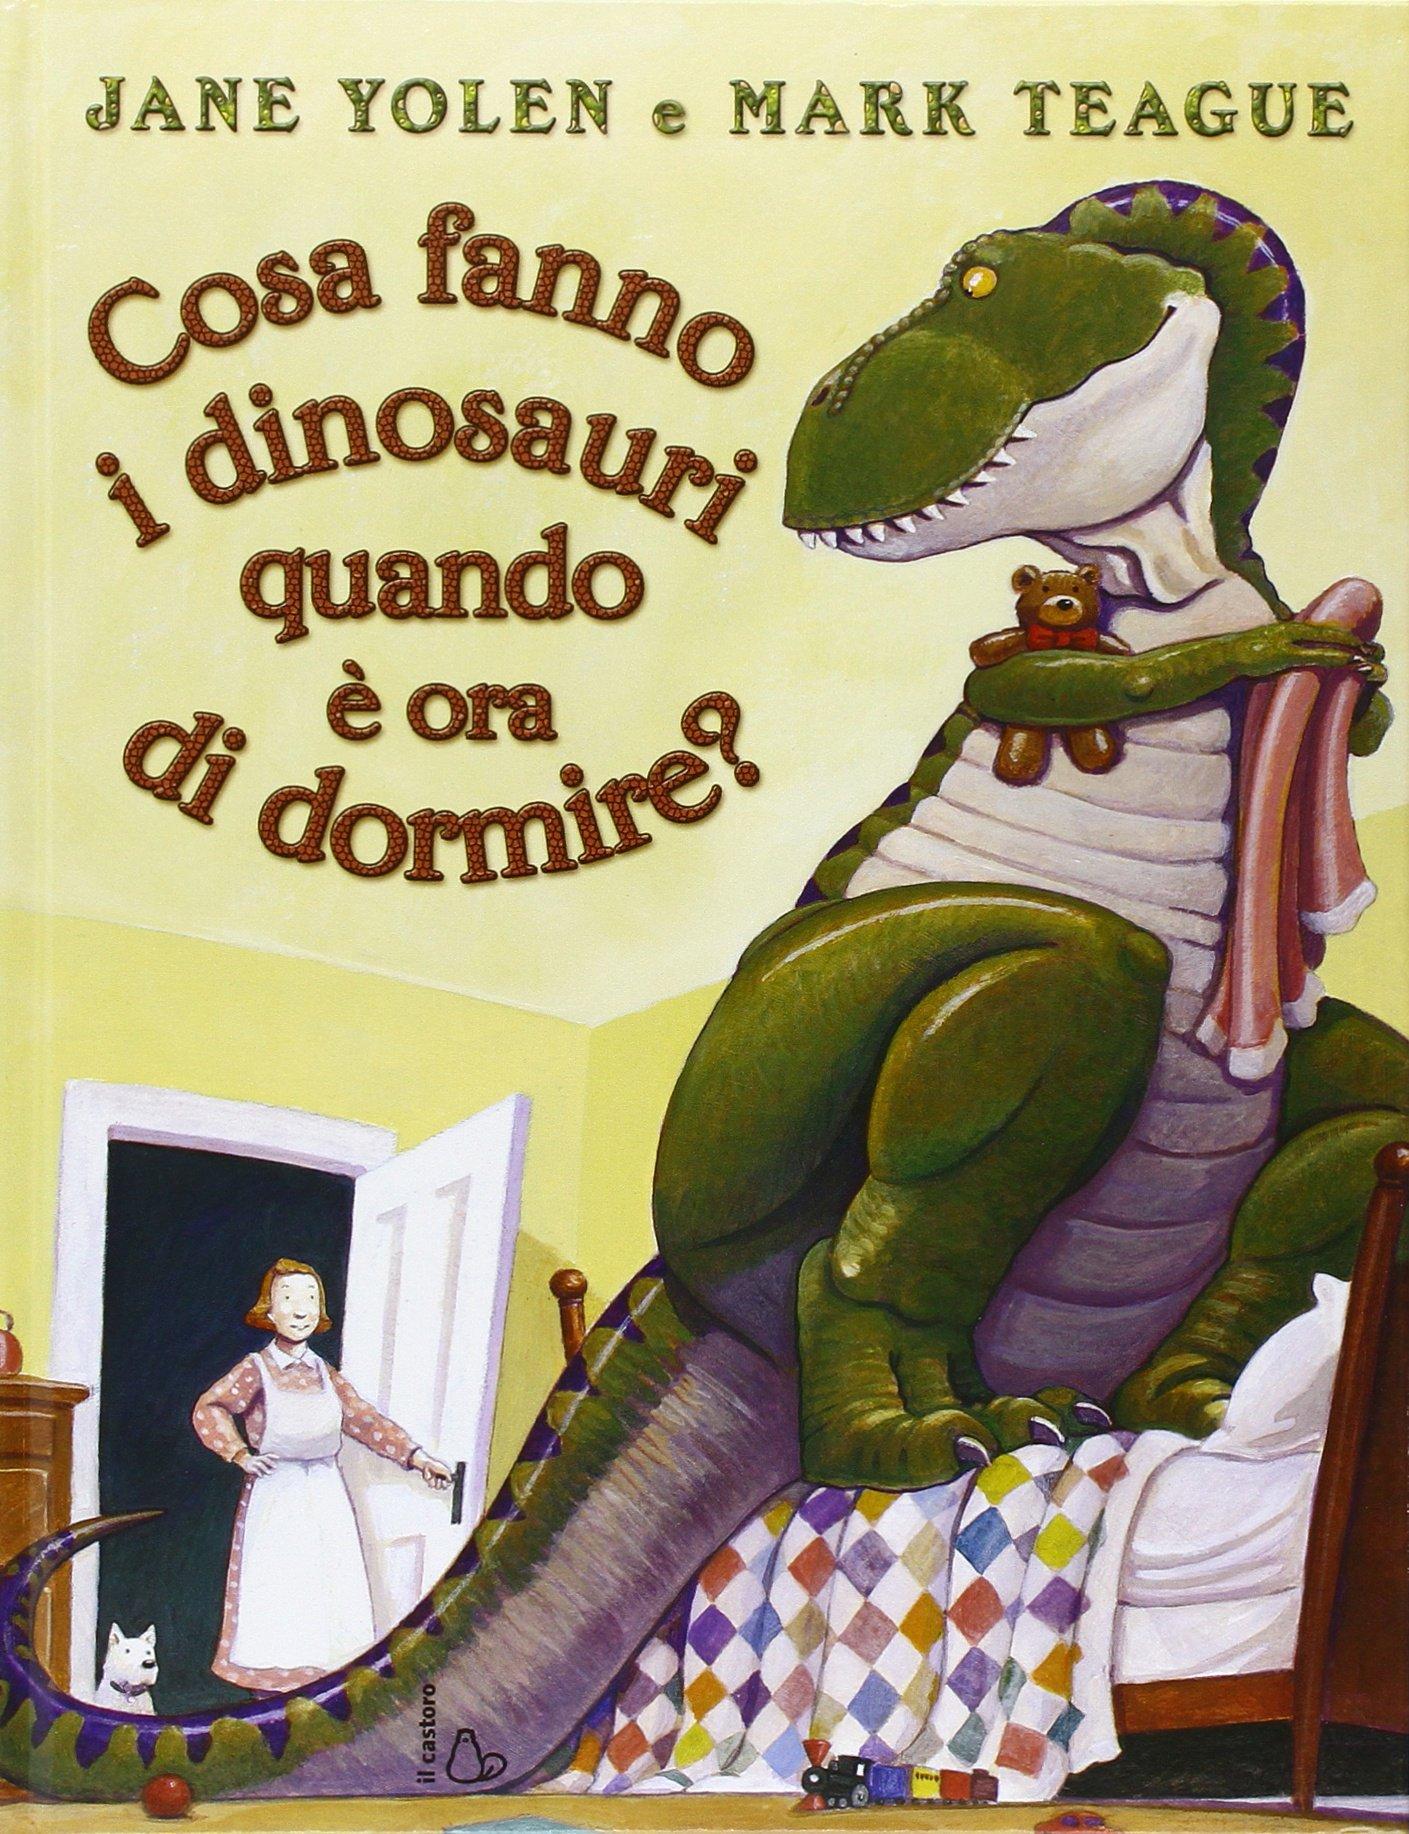 Cosa fanno i dinosauri quando è ora di dormire, Jane Yolen, Il castoro, € 13.50, dai 3 anni